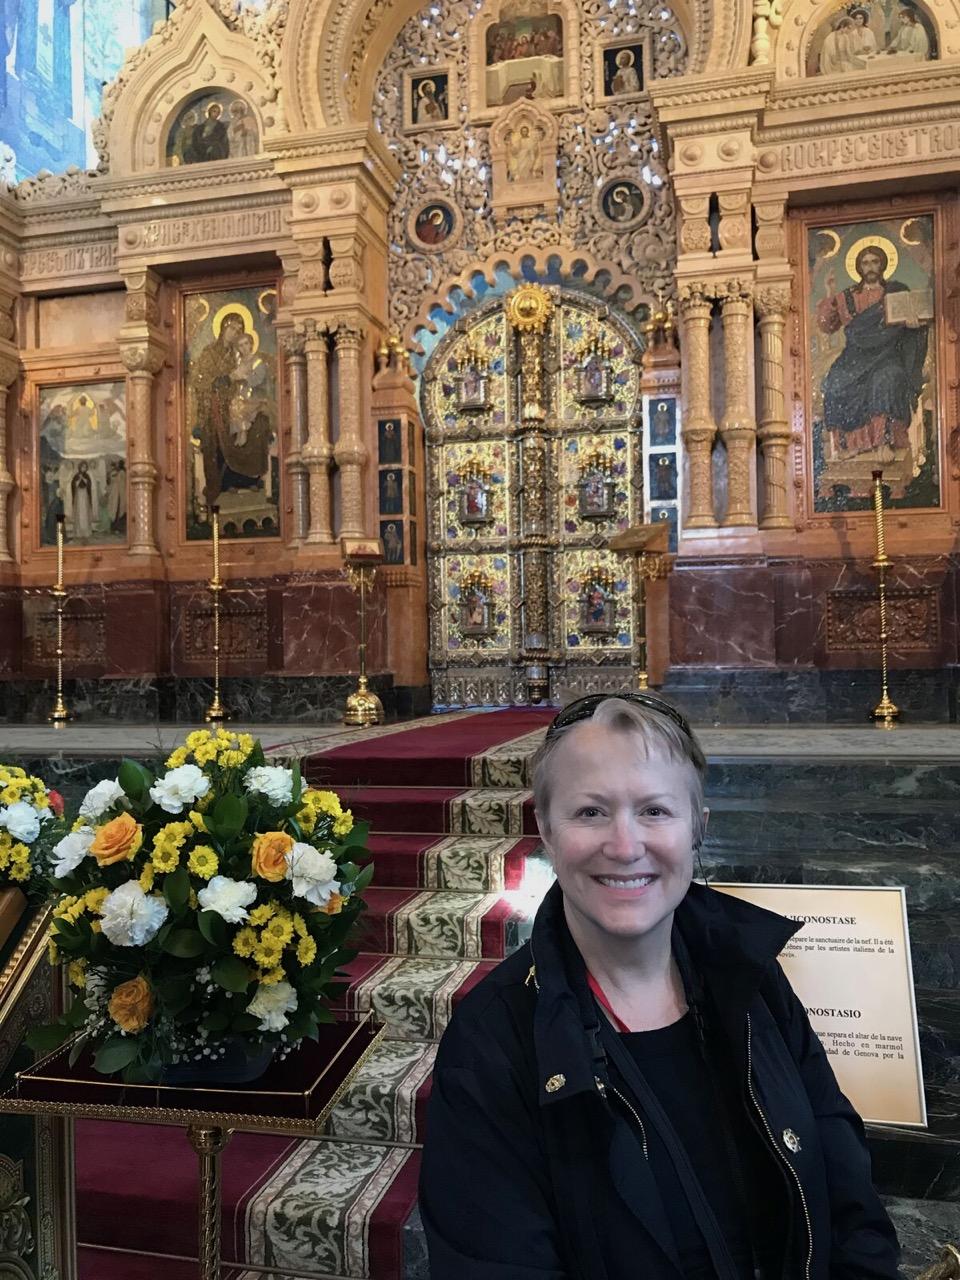 teri_St.Petersburg_St.Isaacs_Churchofspilledblood_travel_spiritedtable_photo13.jpg